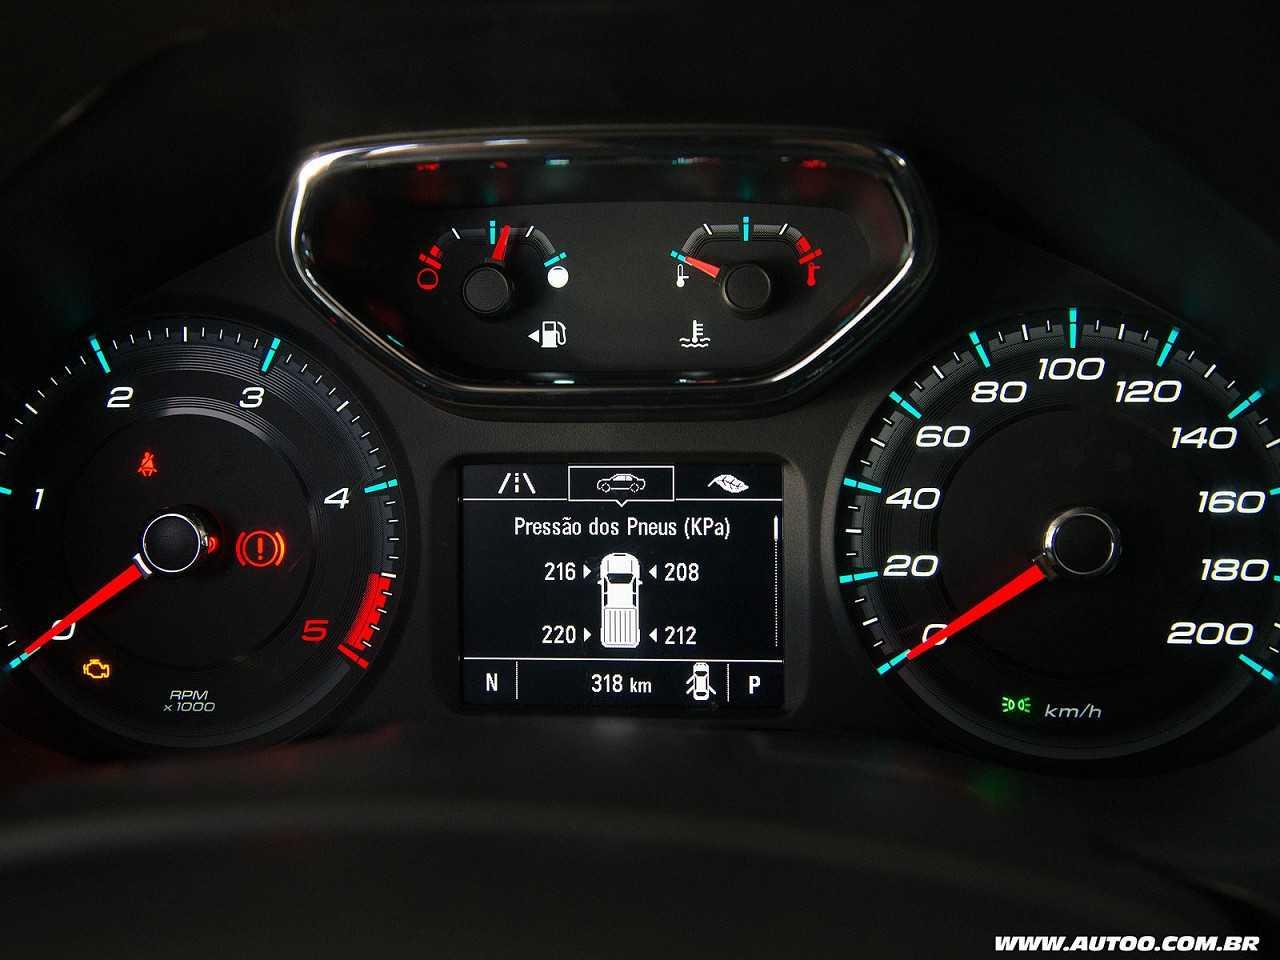 ChevroletS10 2017 - painel de instrumentos